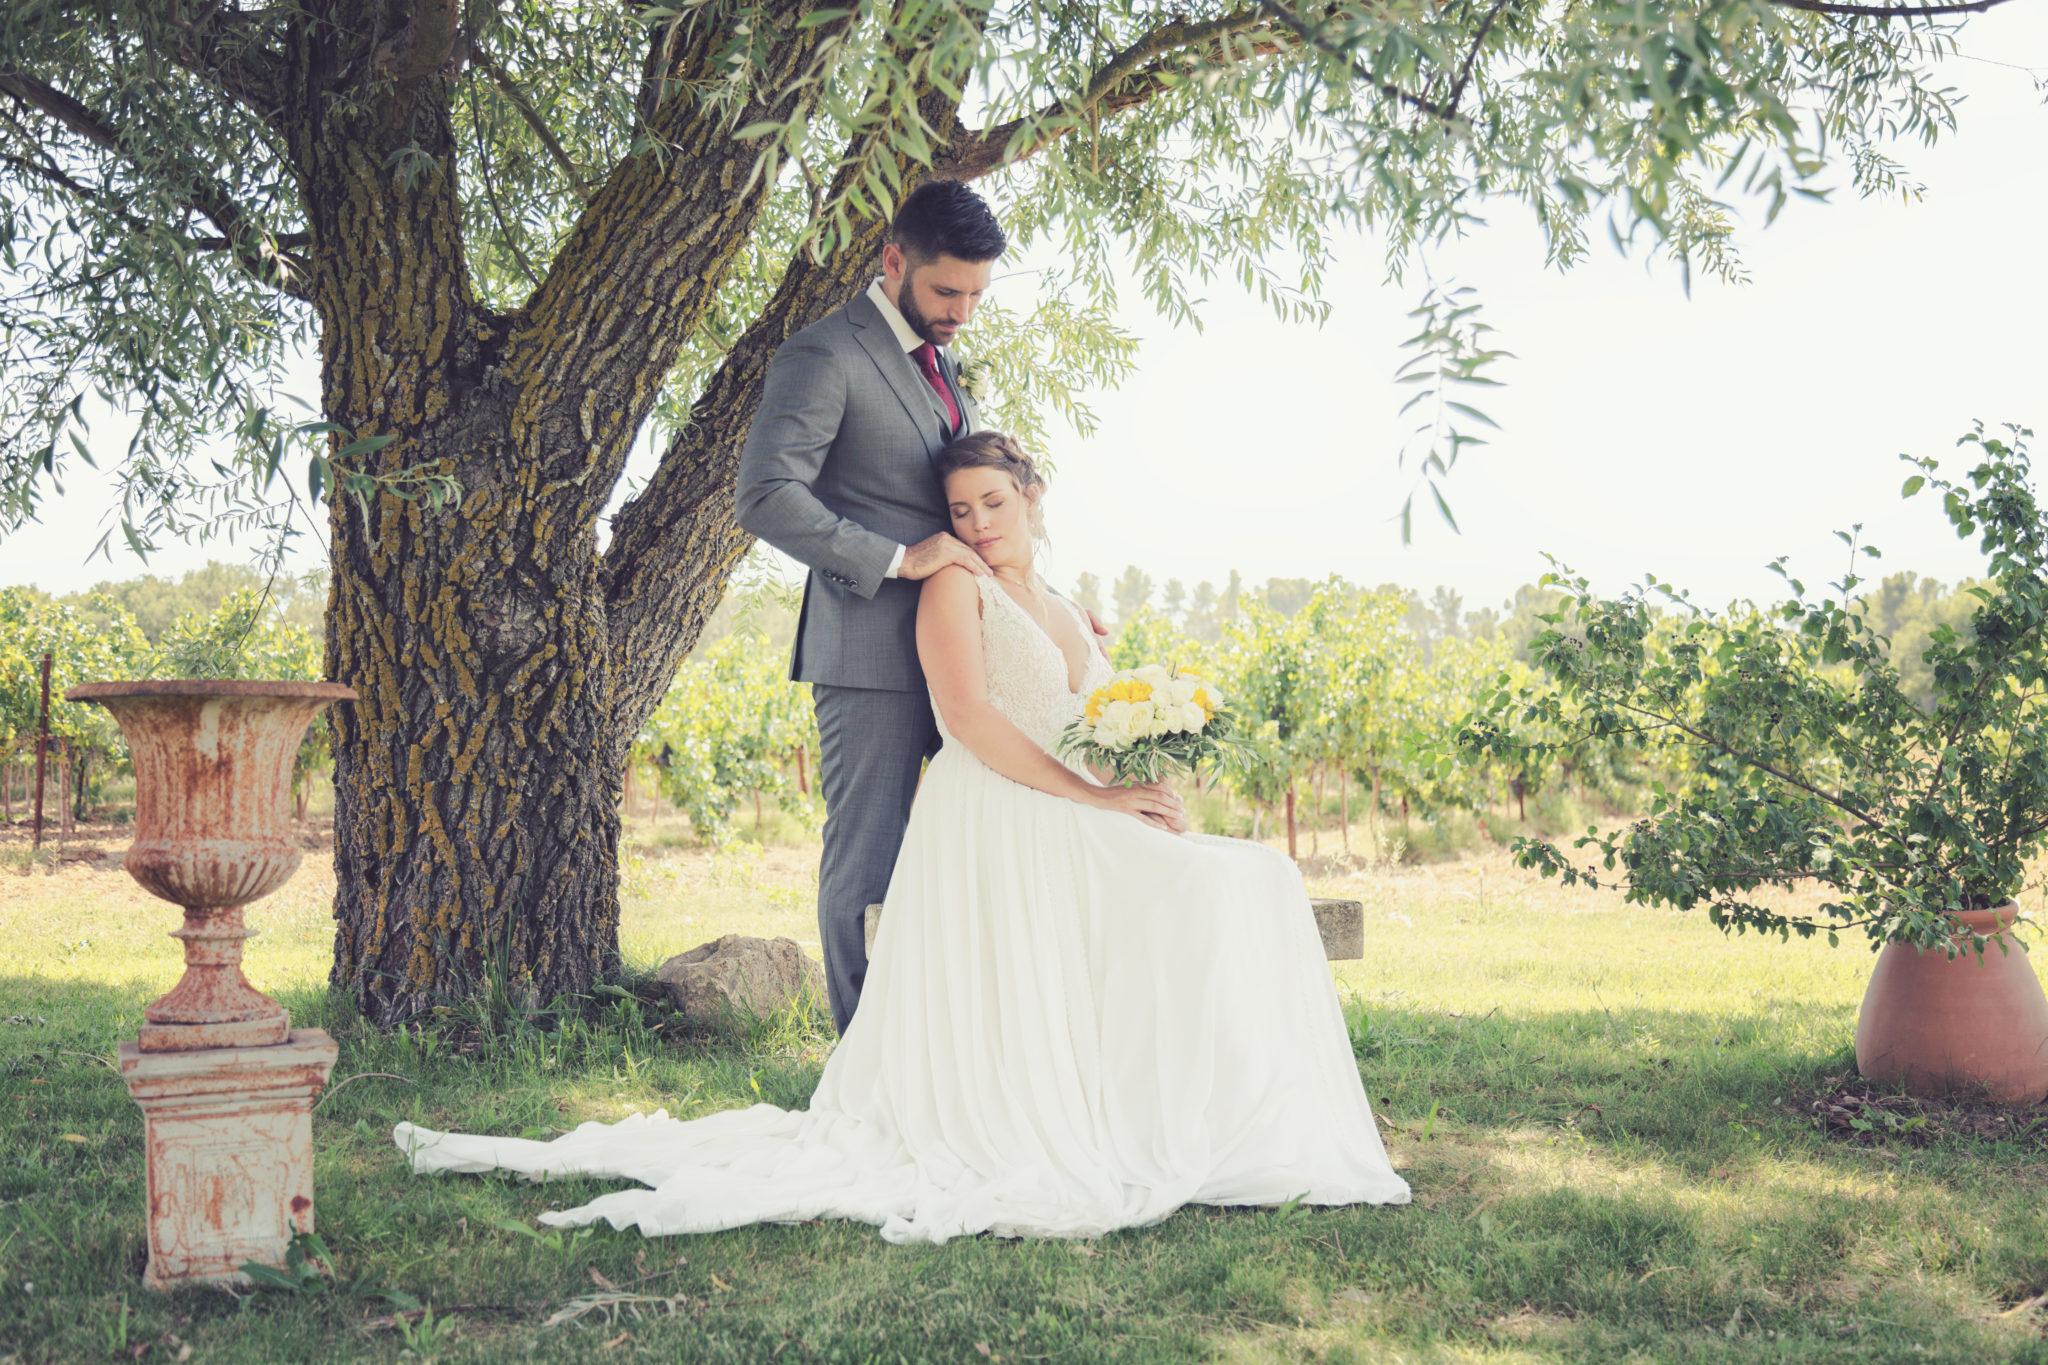 Photographe mariage portrait couple éternel présent